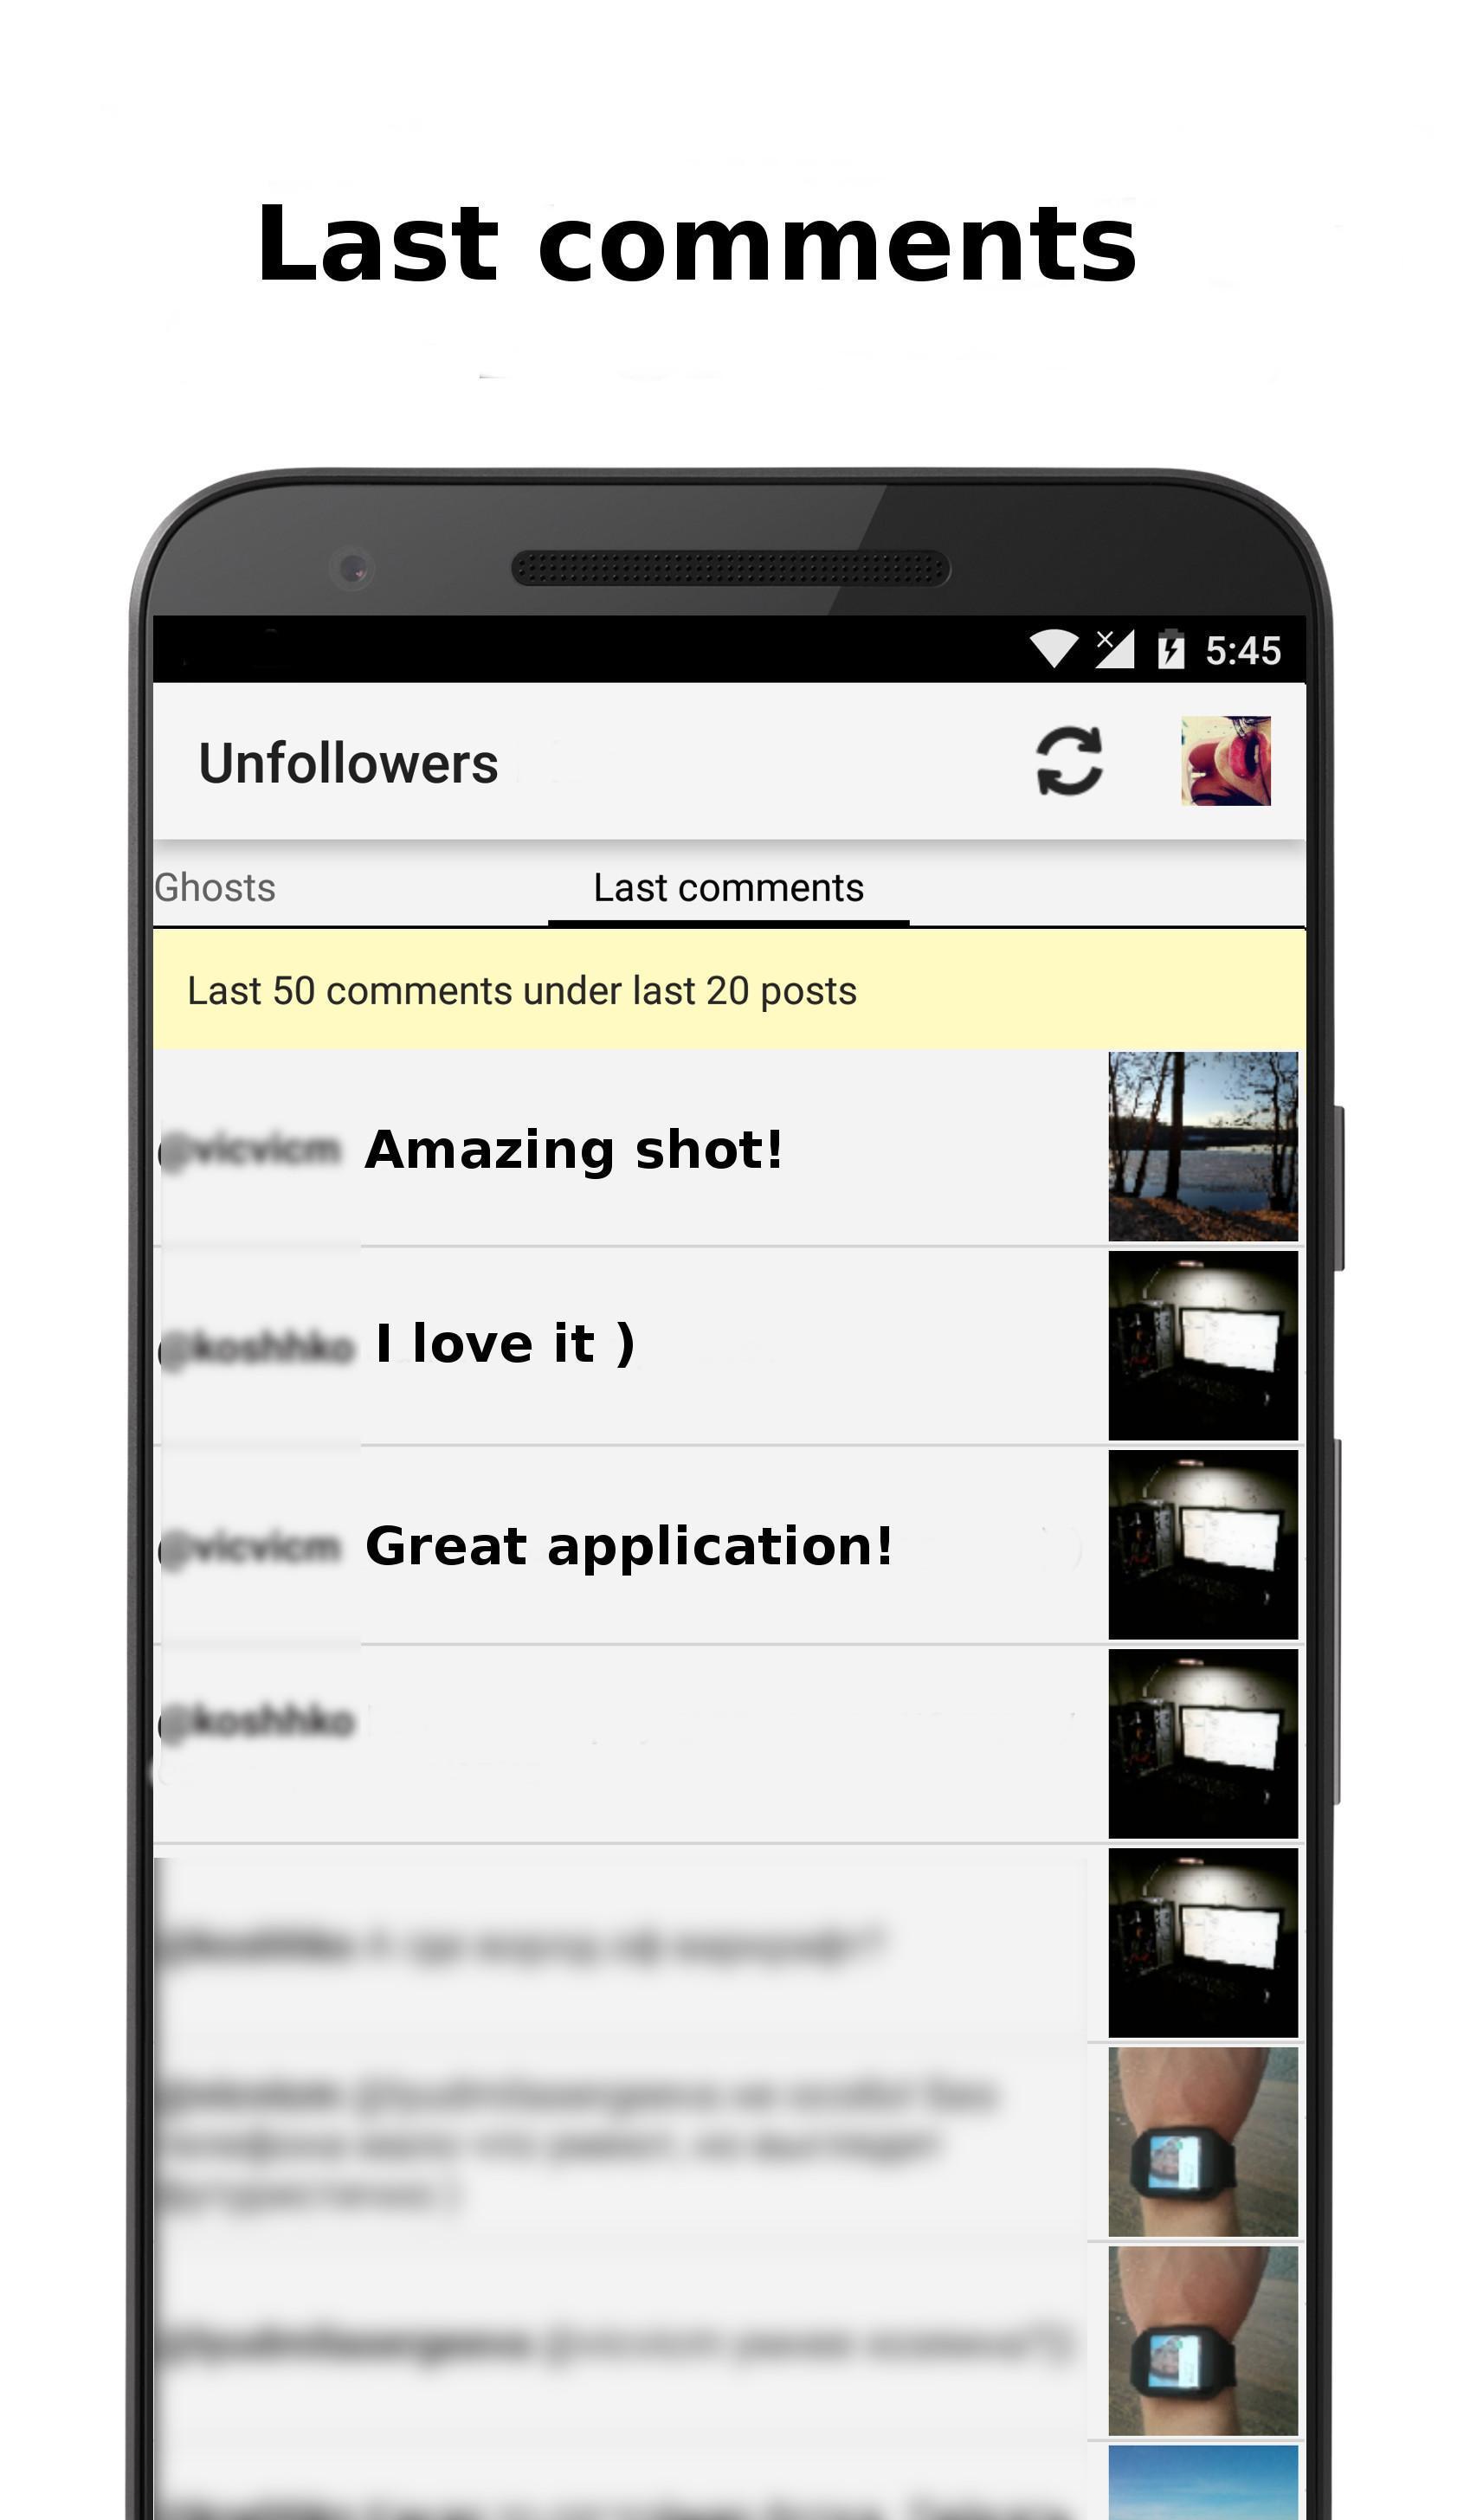 android uygulama yapma apk